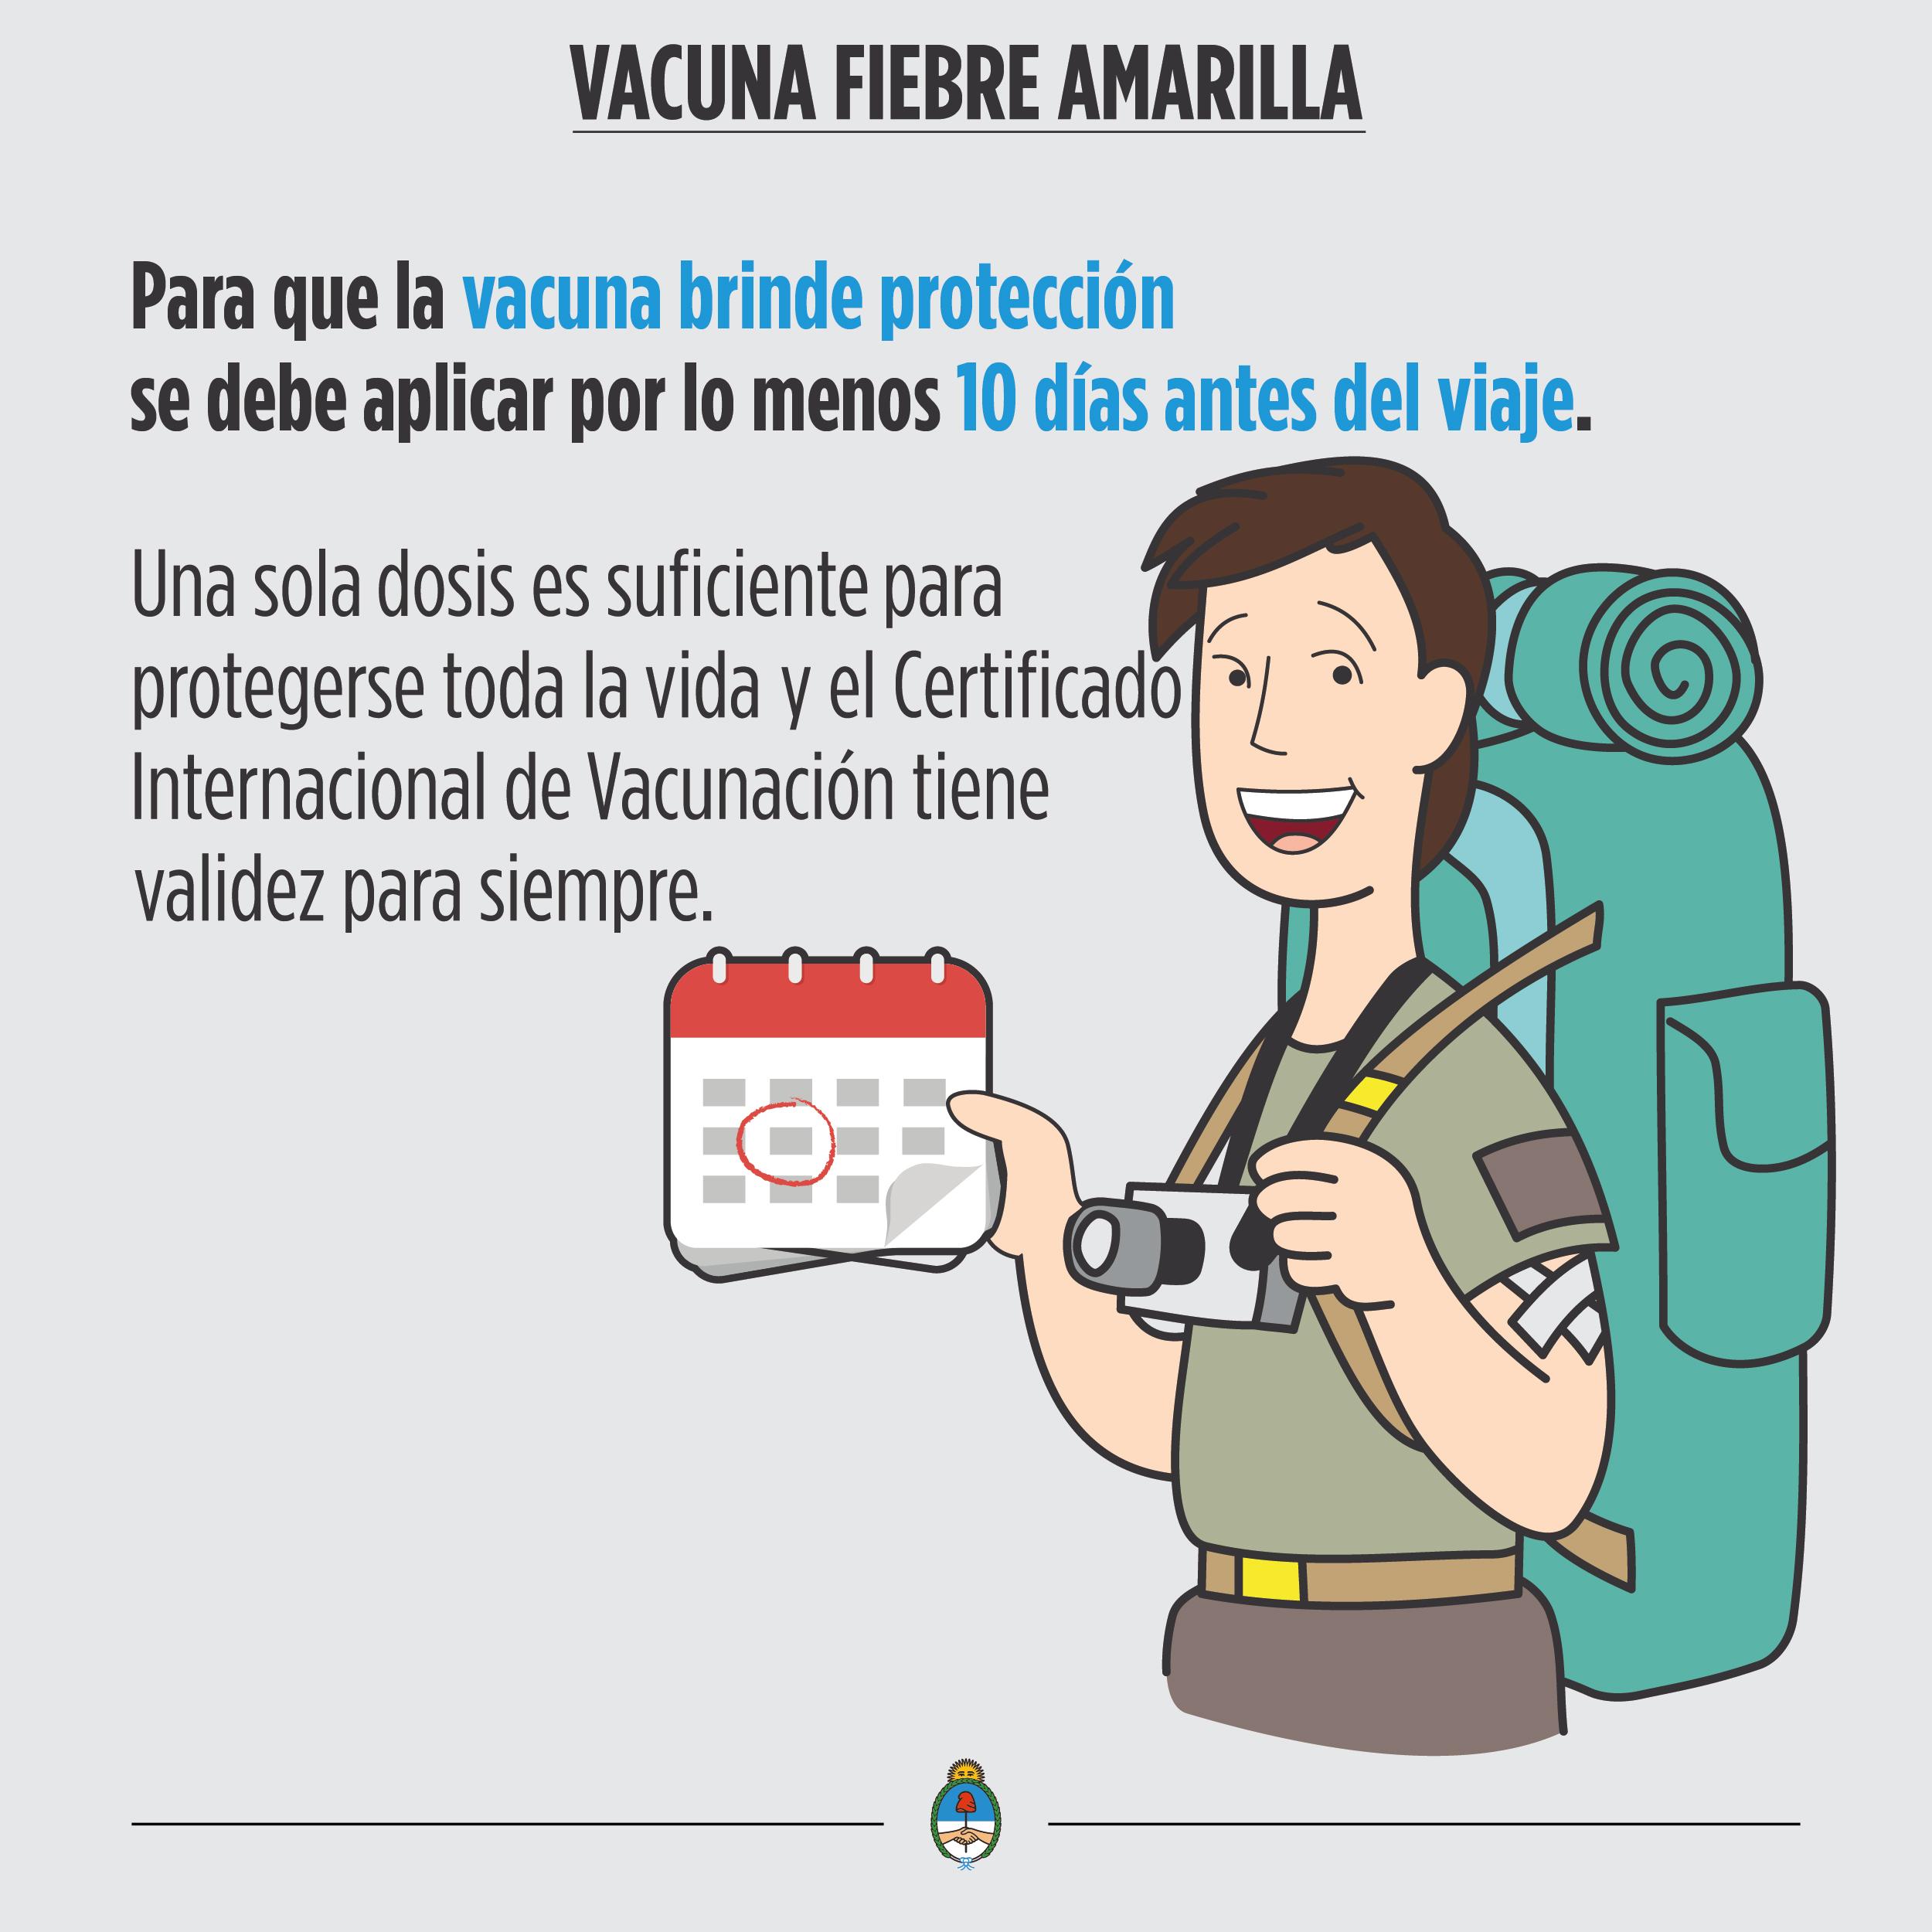 0000001182cnt-2018-01_vacuna-fiebre-amarilla_fiebre-amarilla-2018